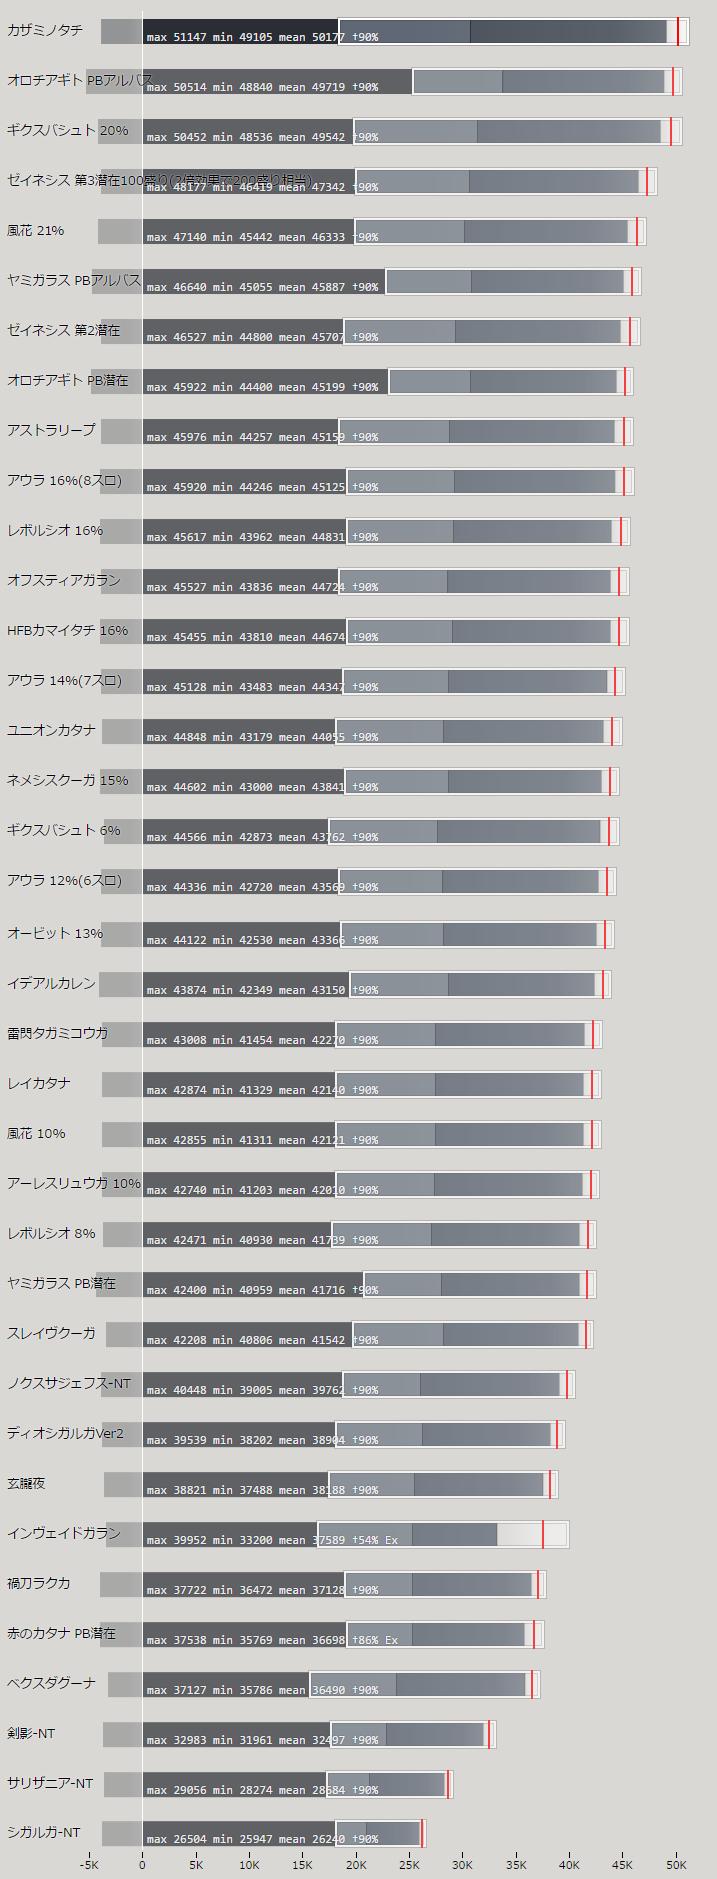 カタナの火力比較ランキング表